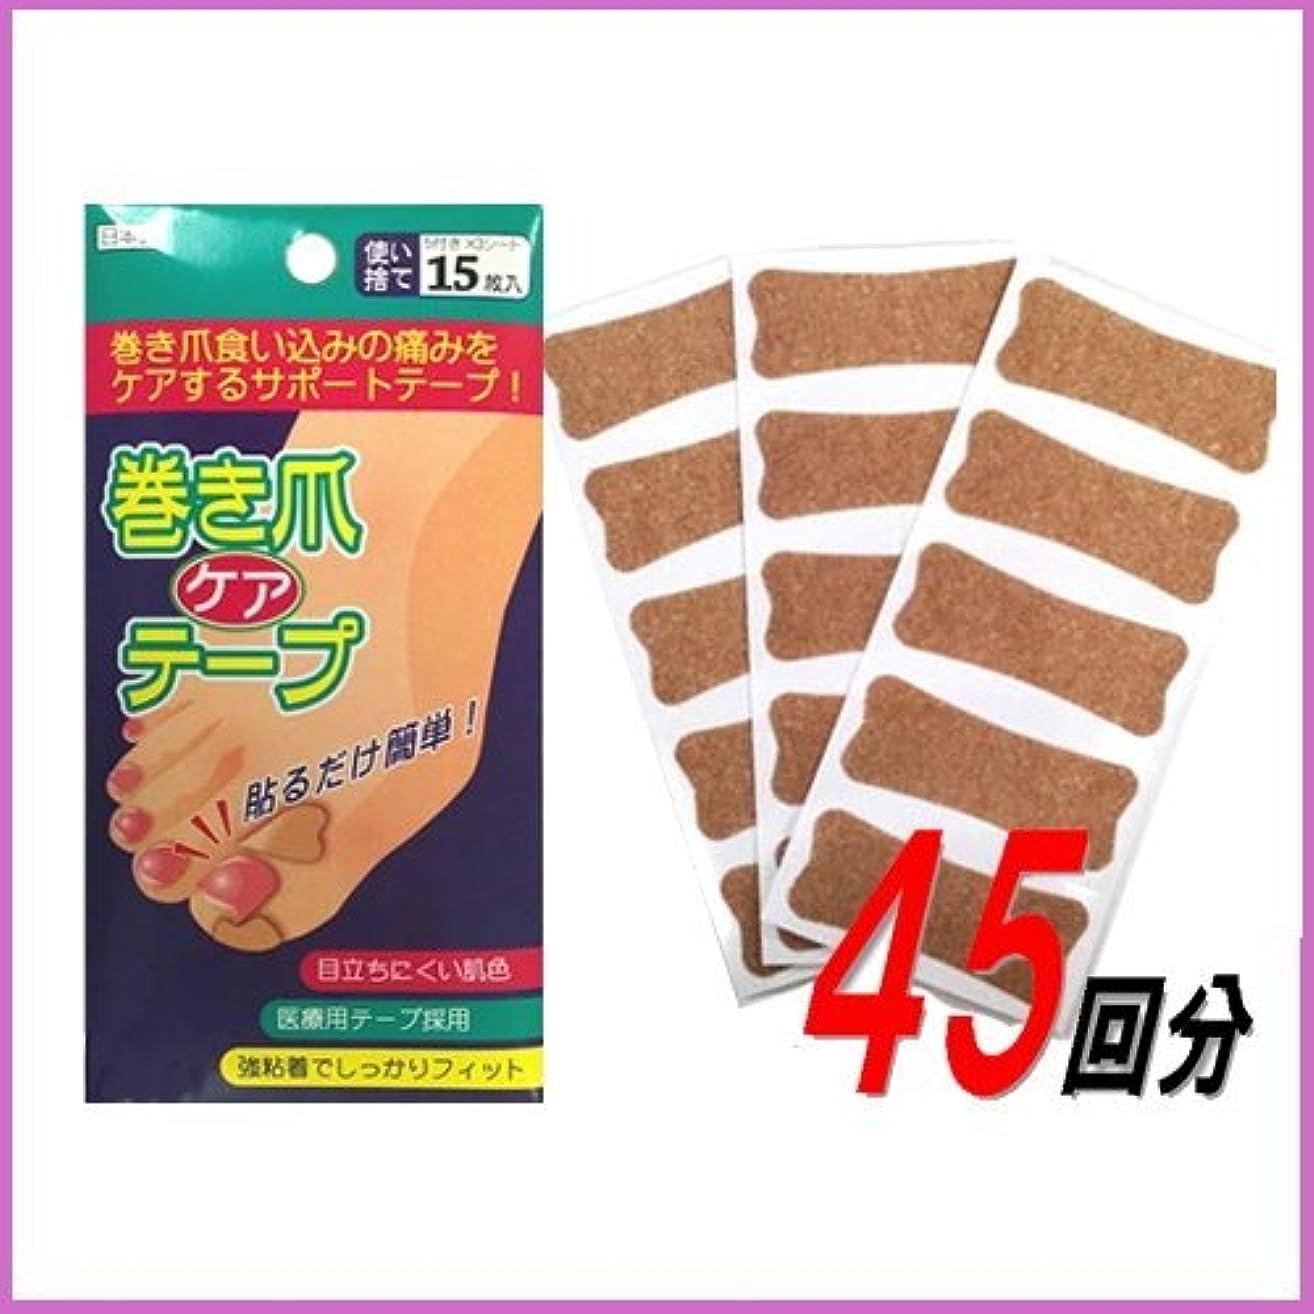 忠実な困惑するホーン巻き爪 テープ 3個セット ブロック ケア テーピング 日本製